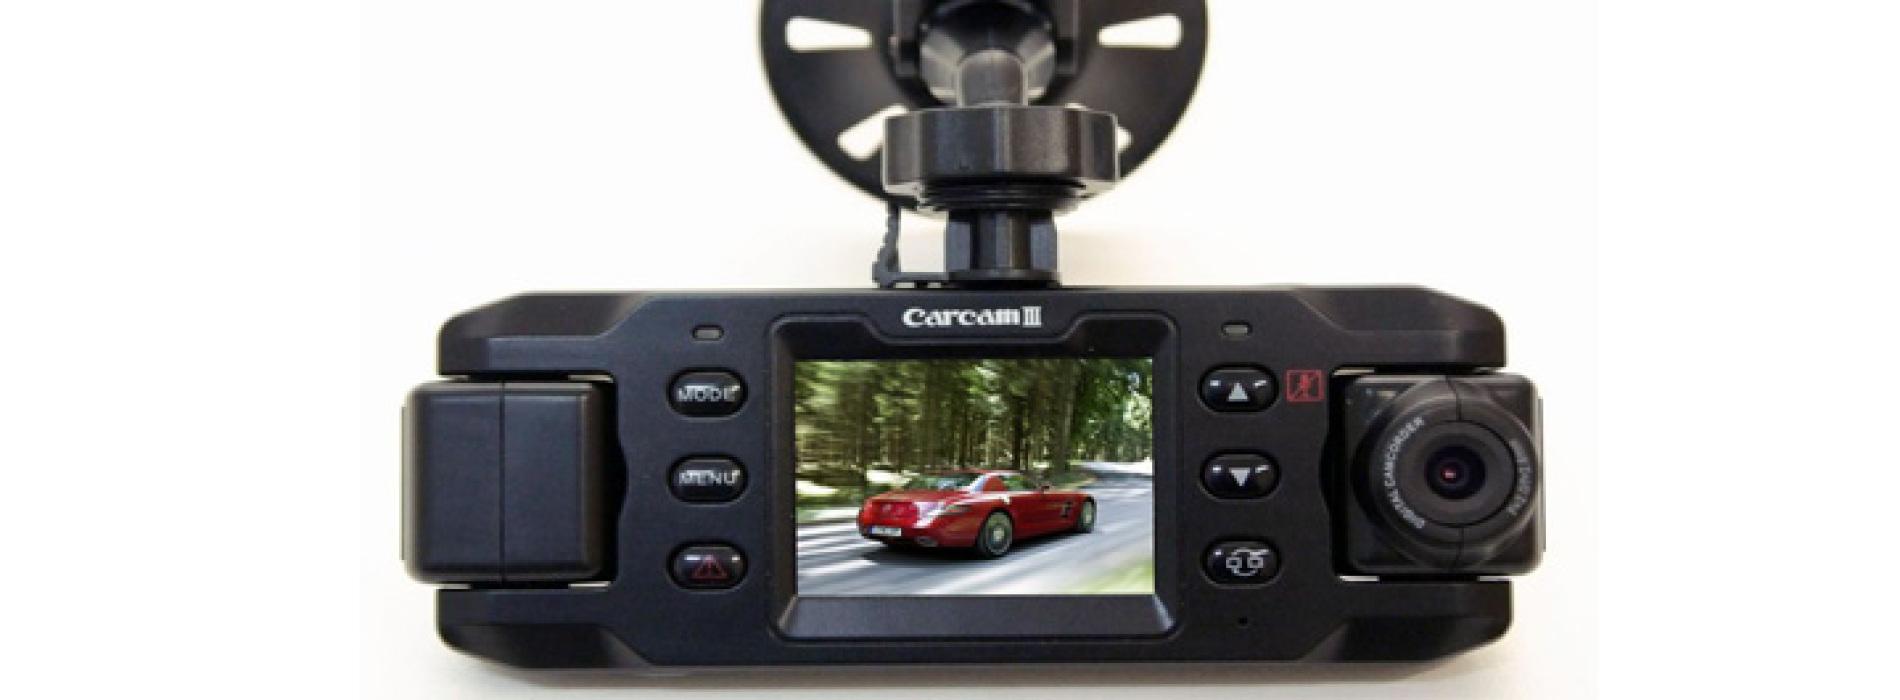 Ремонт видеорегистраторов CarCam